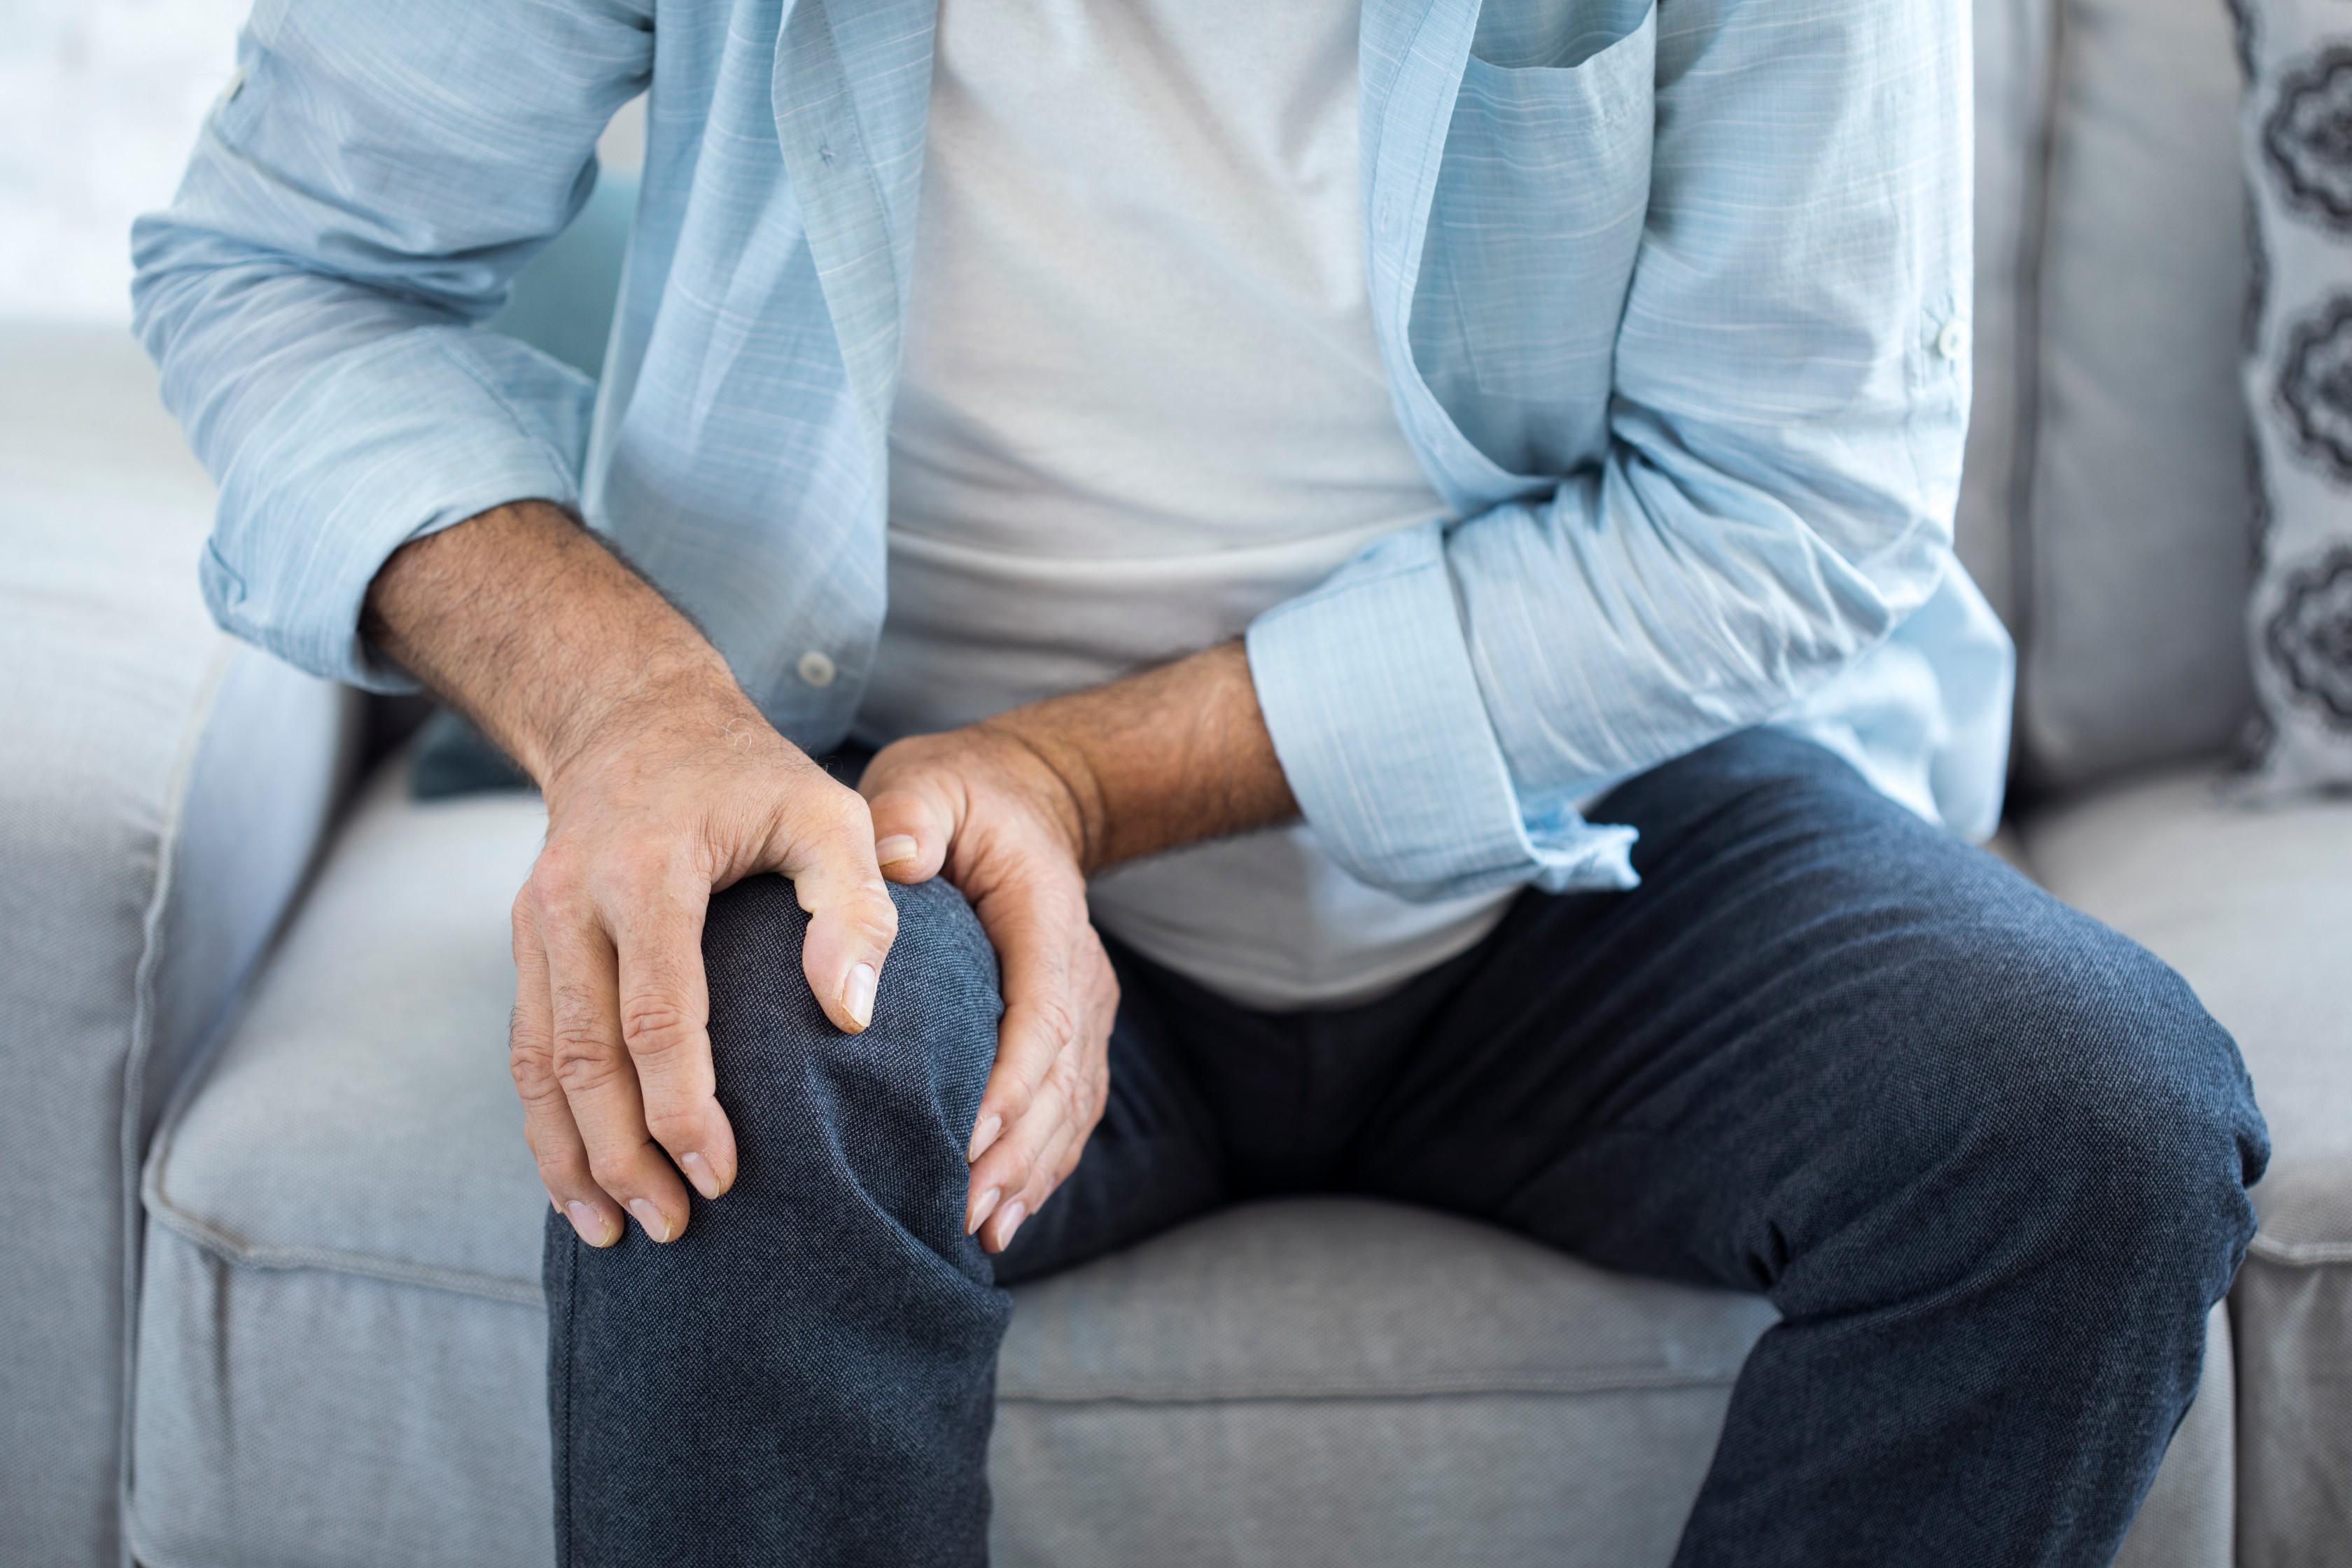 szárnyaló lábak ízületi fájdalommal